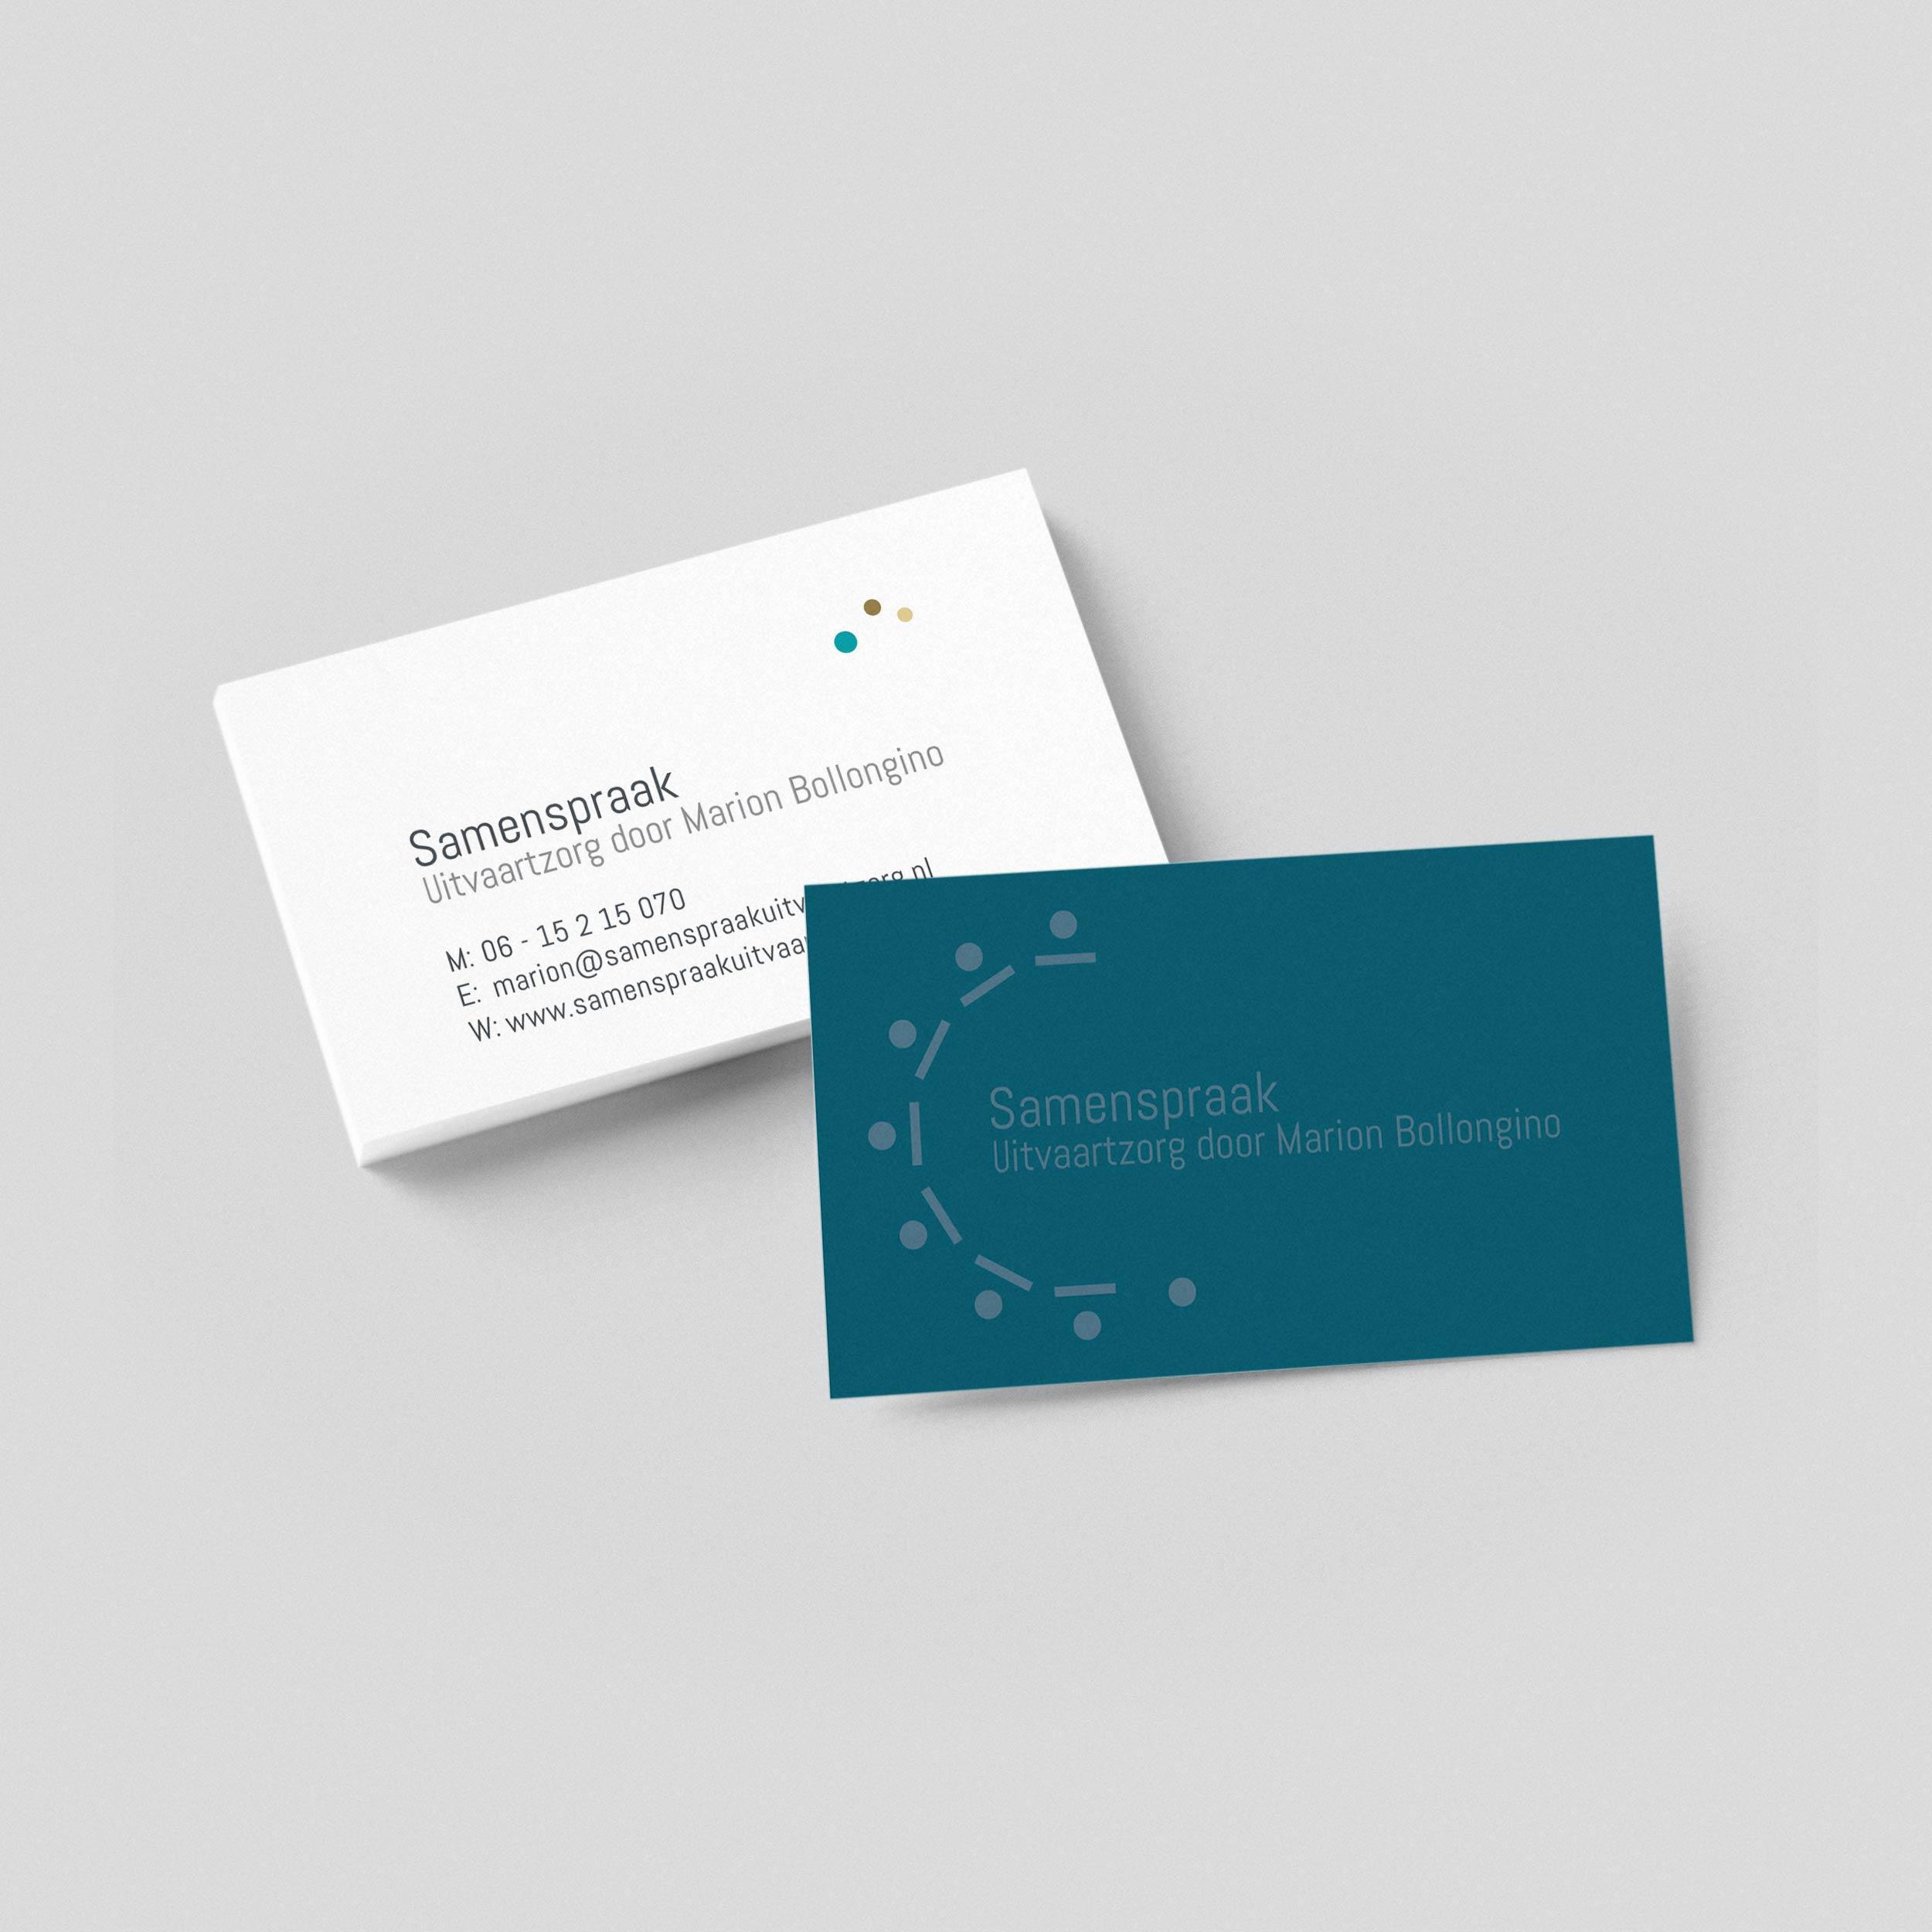 Samenspraak_Visitekaart_recht_sq